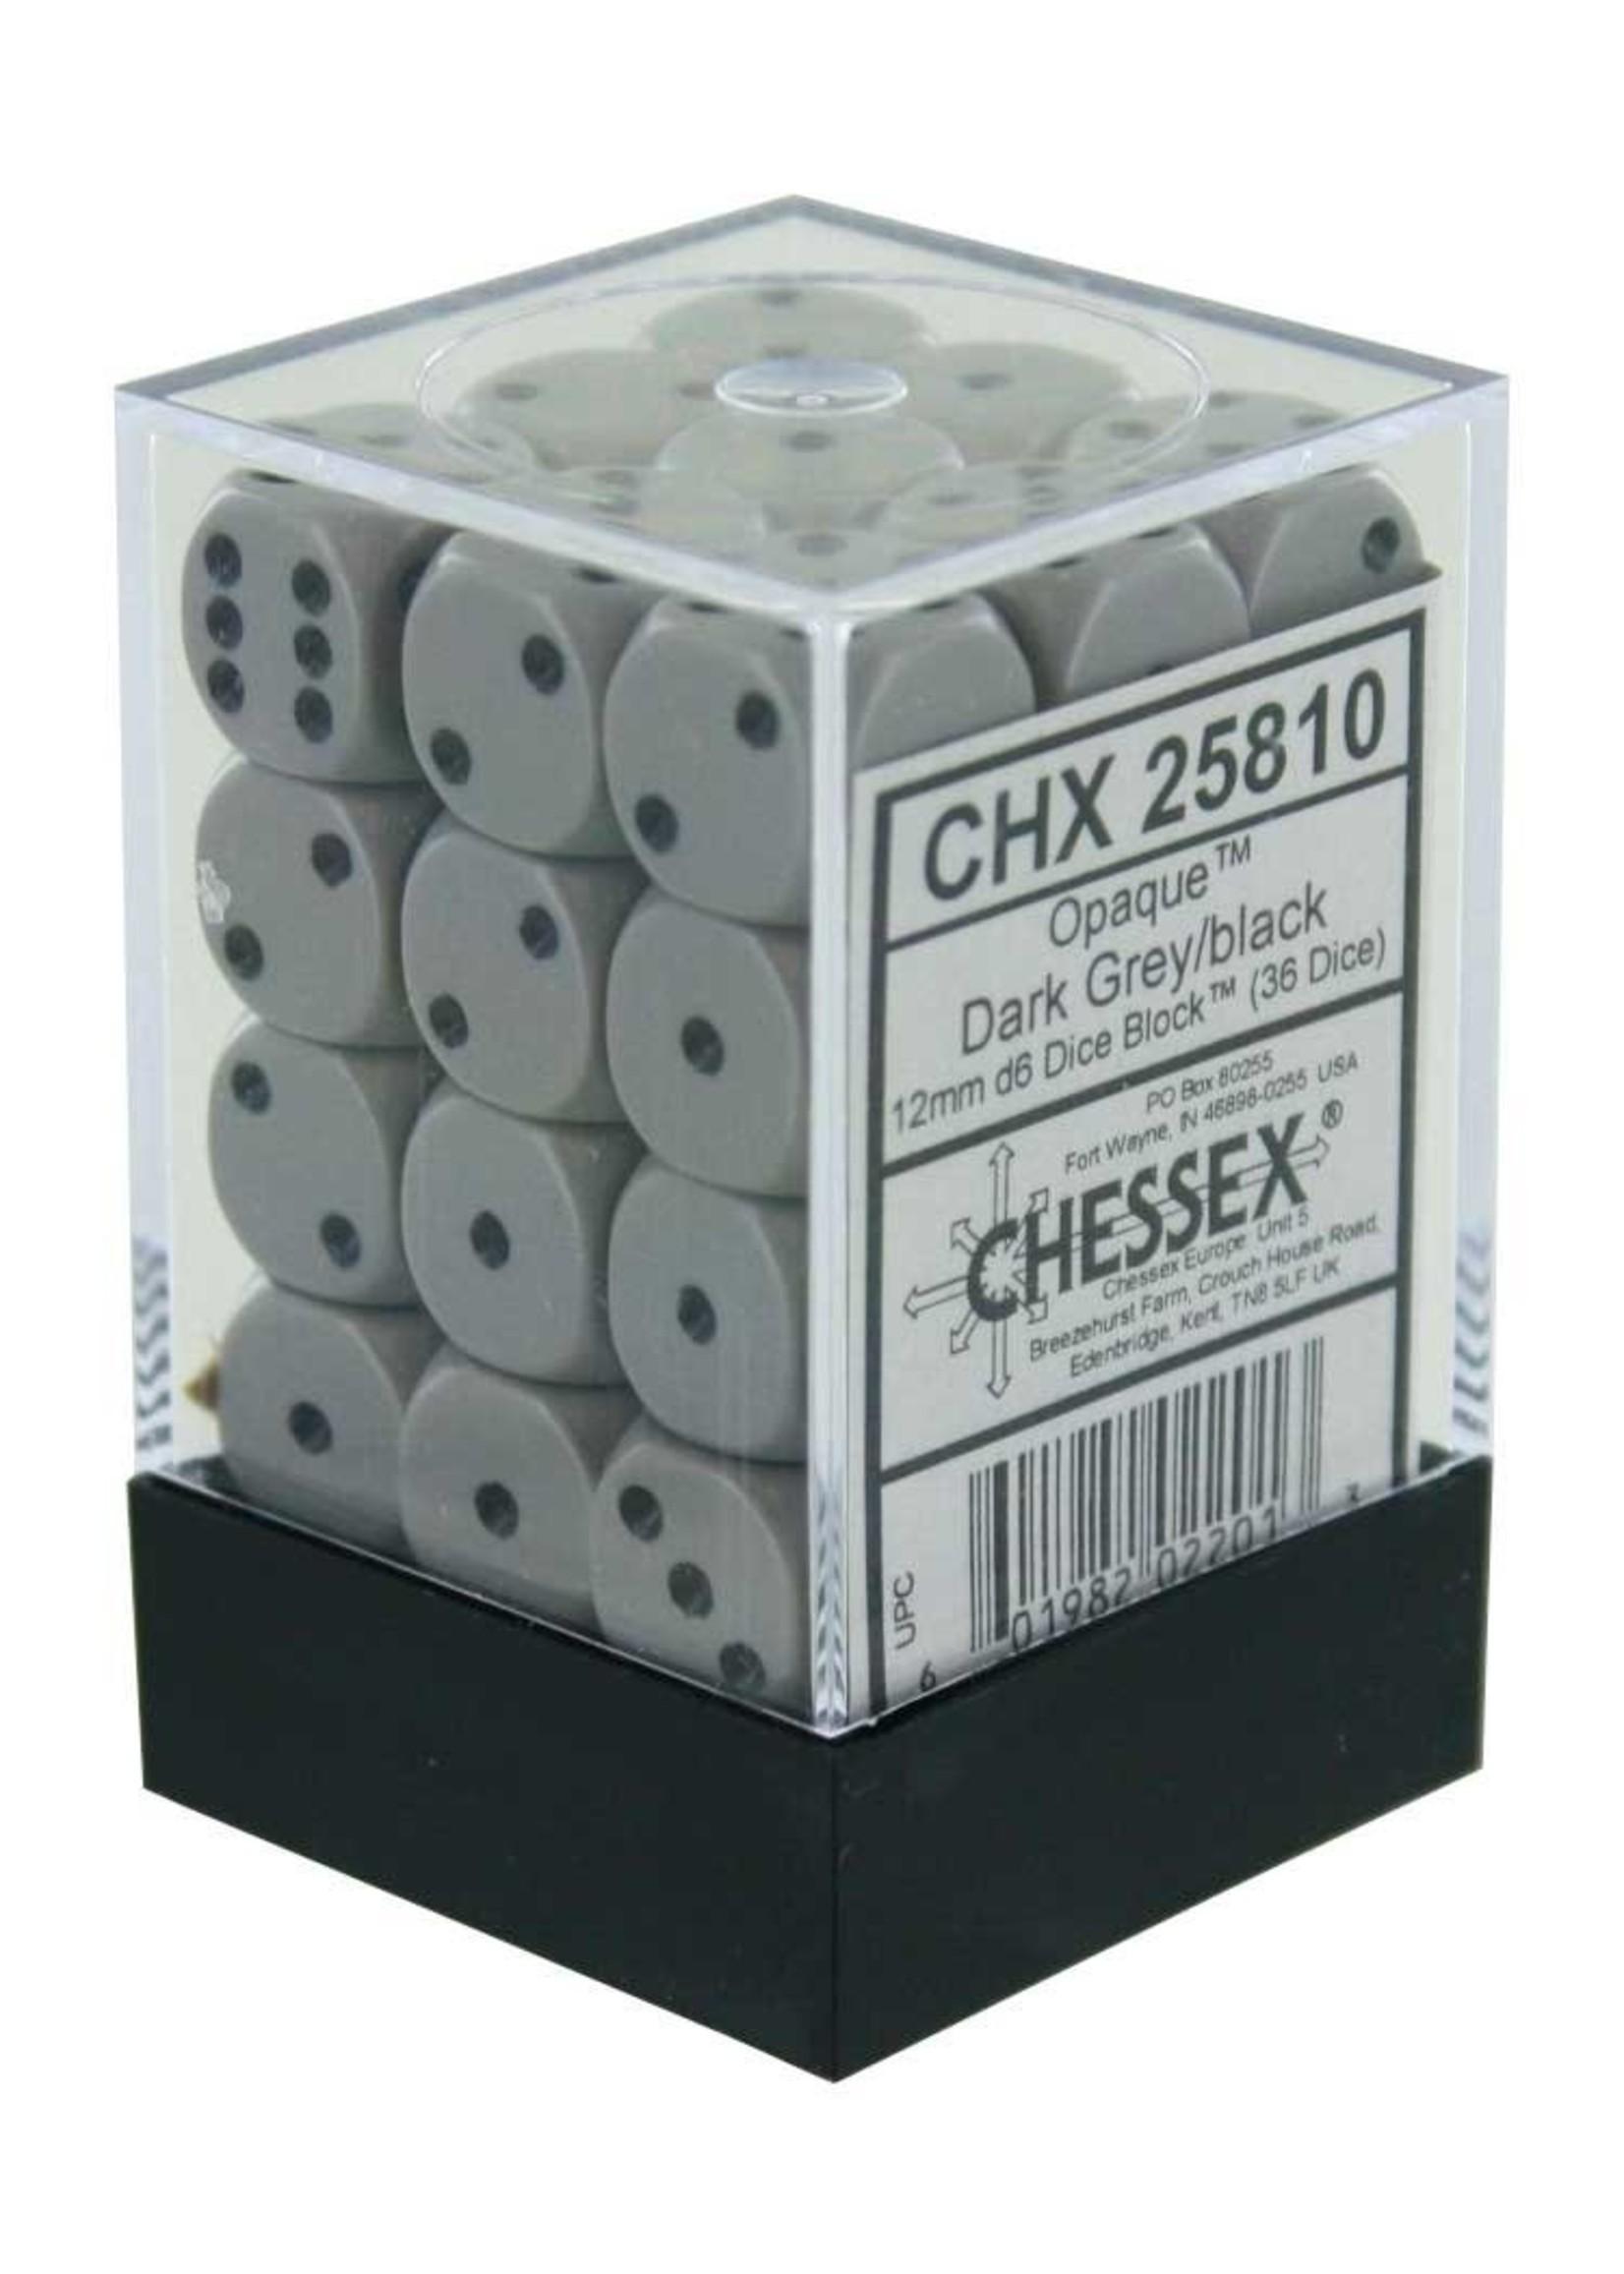 CHX 25810 Dice Dark Grey/Black